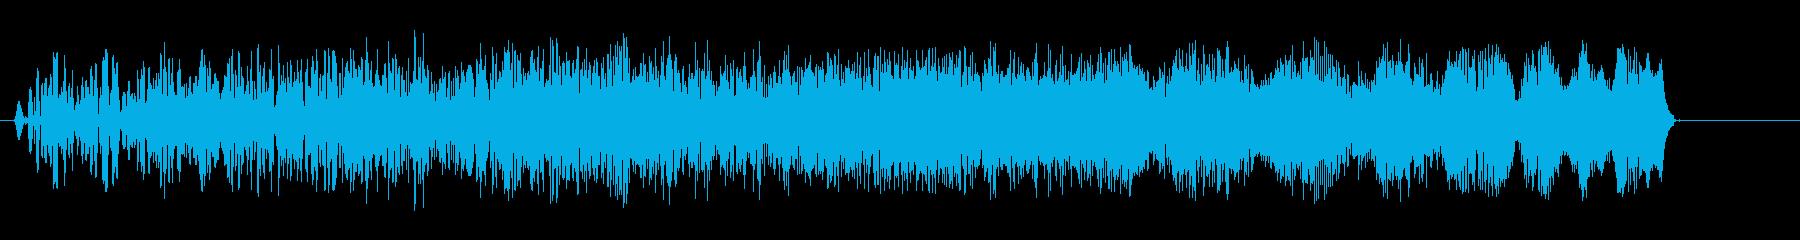 テンション、パワーがアップするような音の再生済みの波形